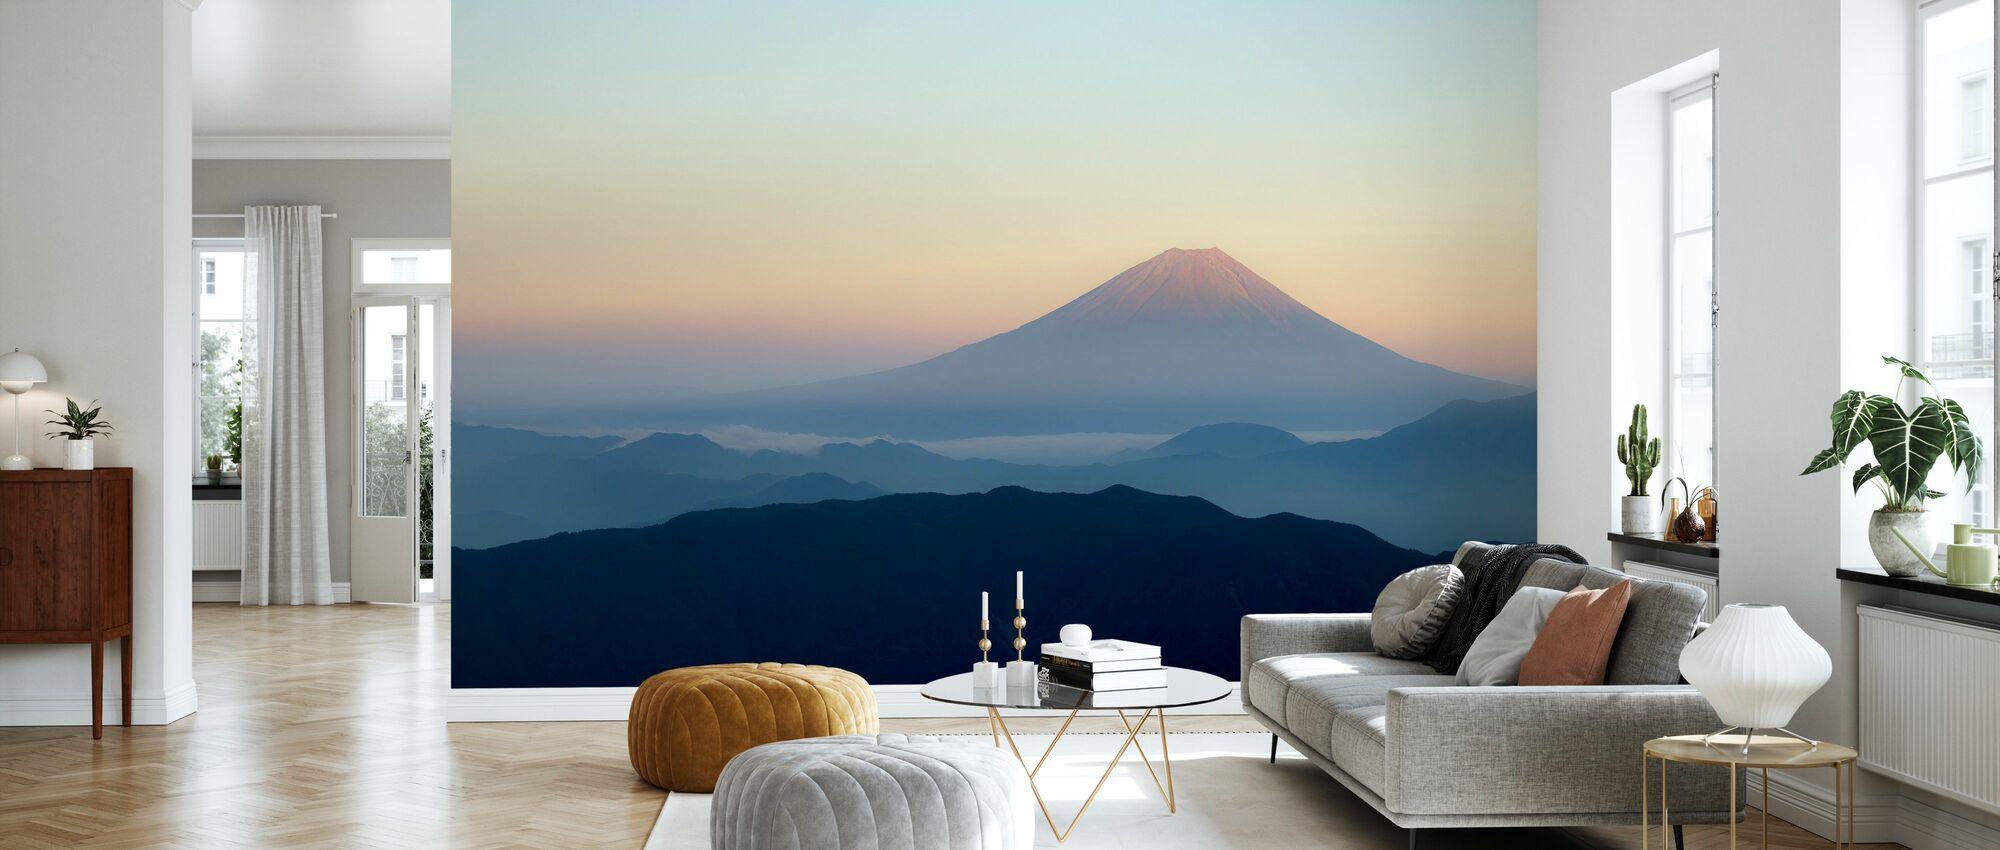 Mt. Fuji - Wallpaper - Living Room